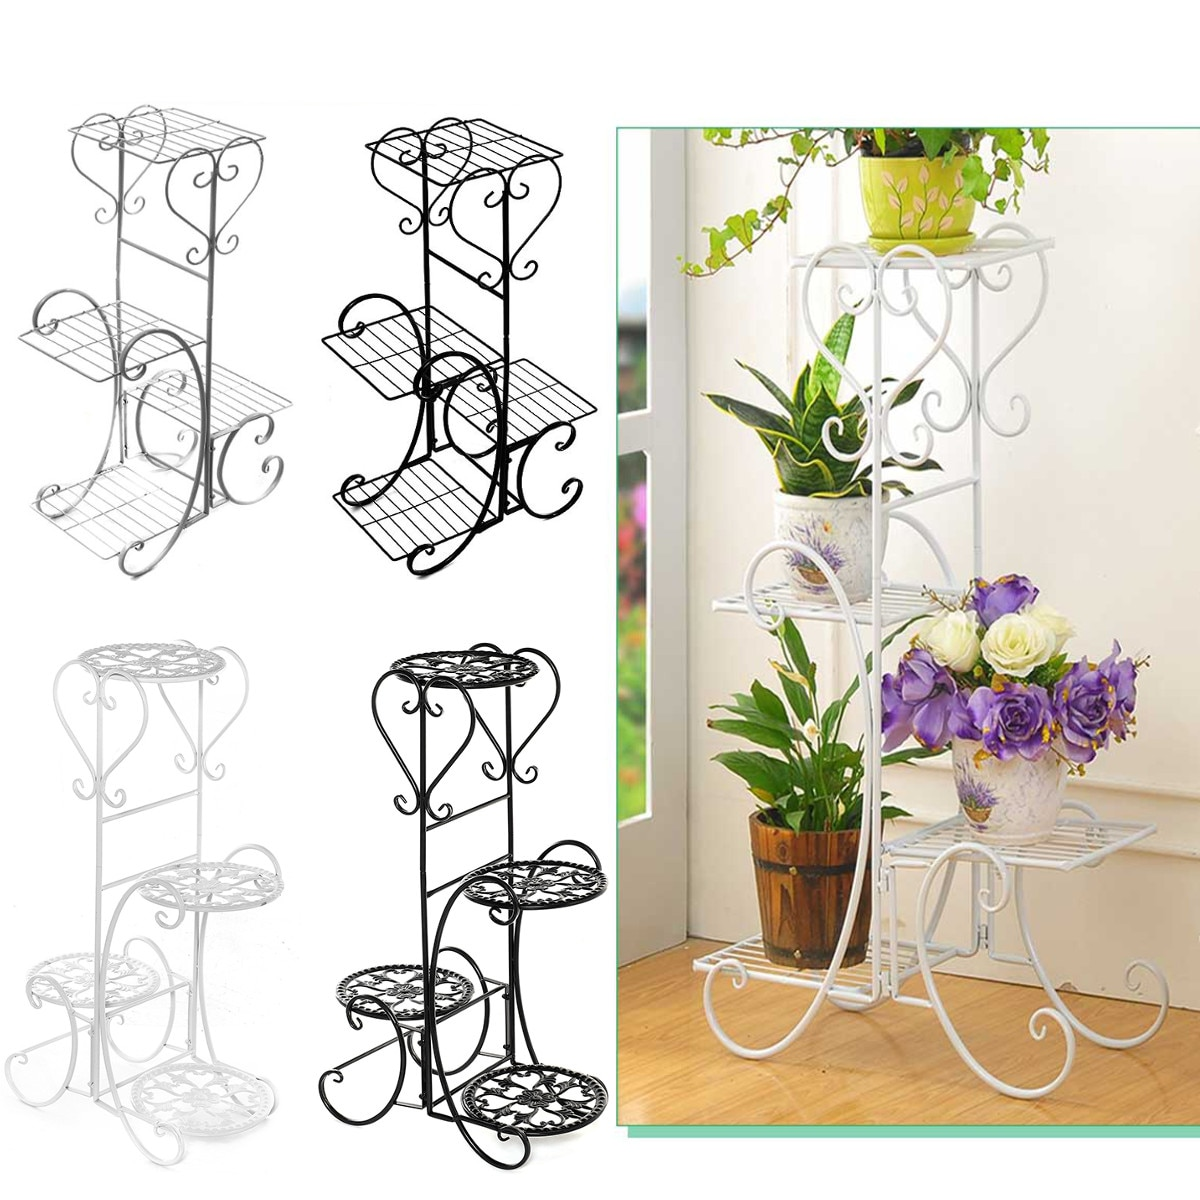 رف معدني مربع أو دائري للنباتات ، 4 مستويات ، حامل للعرض ، المنزل ، المكتب ، مكان العمل ، الحديقة ، الشرفة ، وعاء الزهور